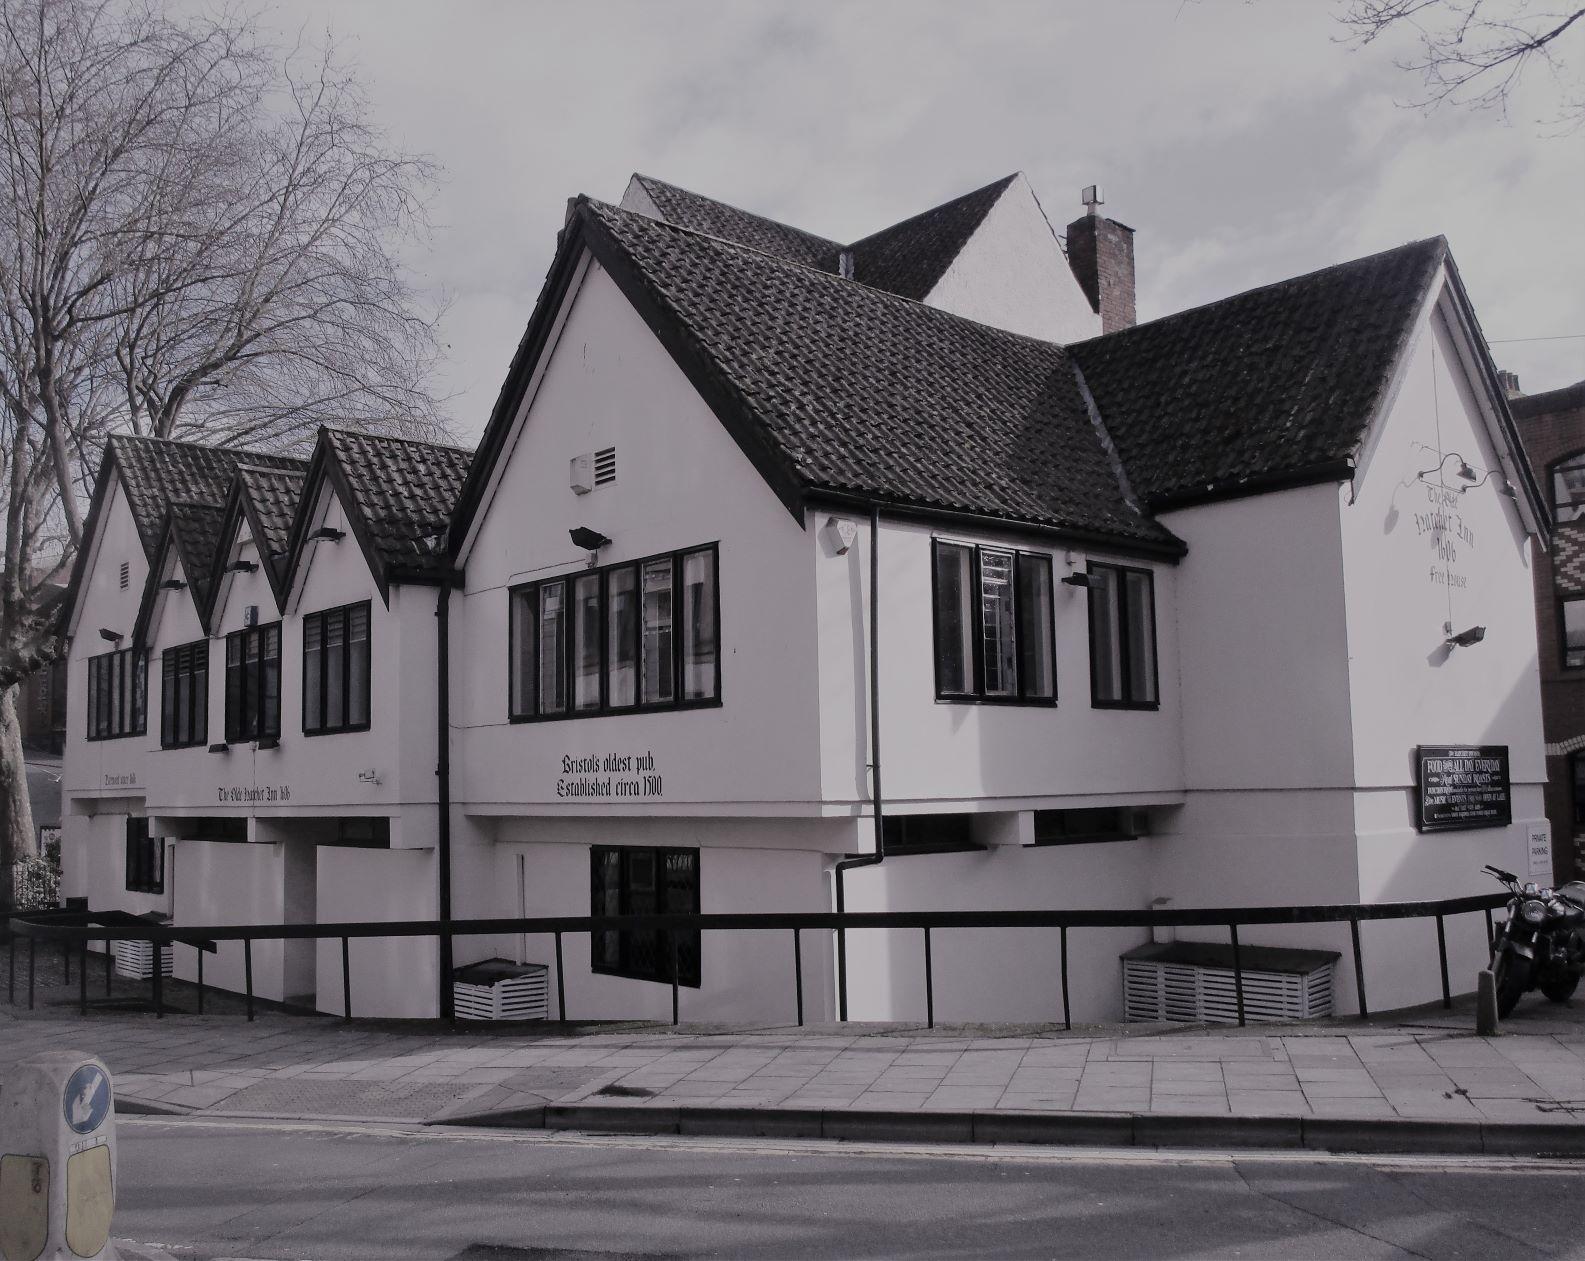 The Hatchet Inn